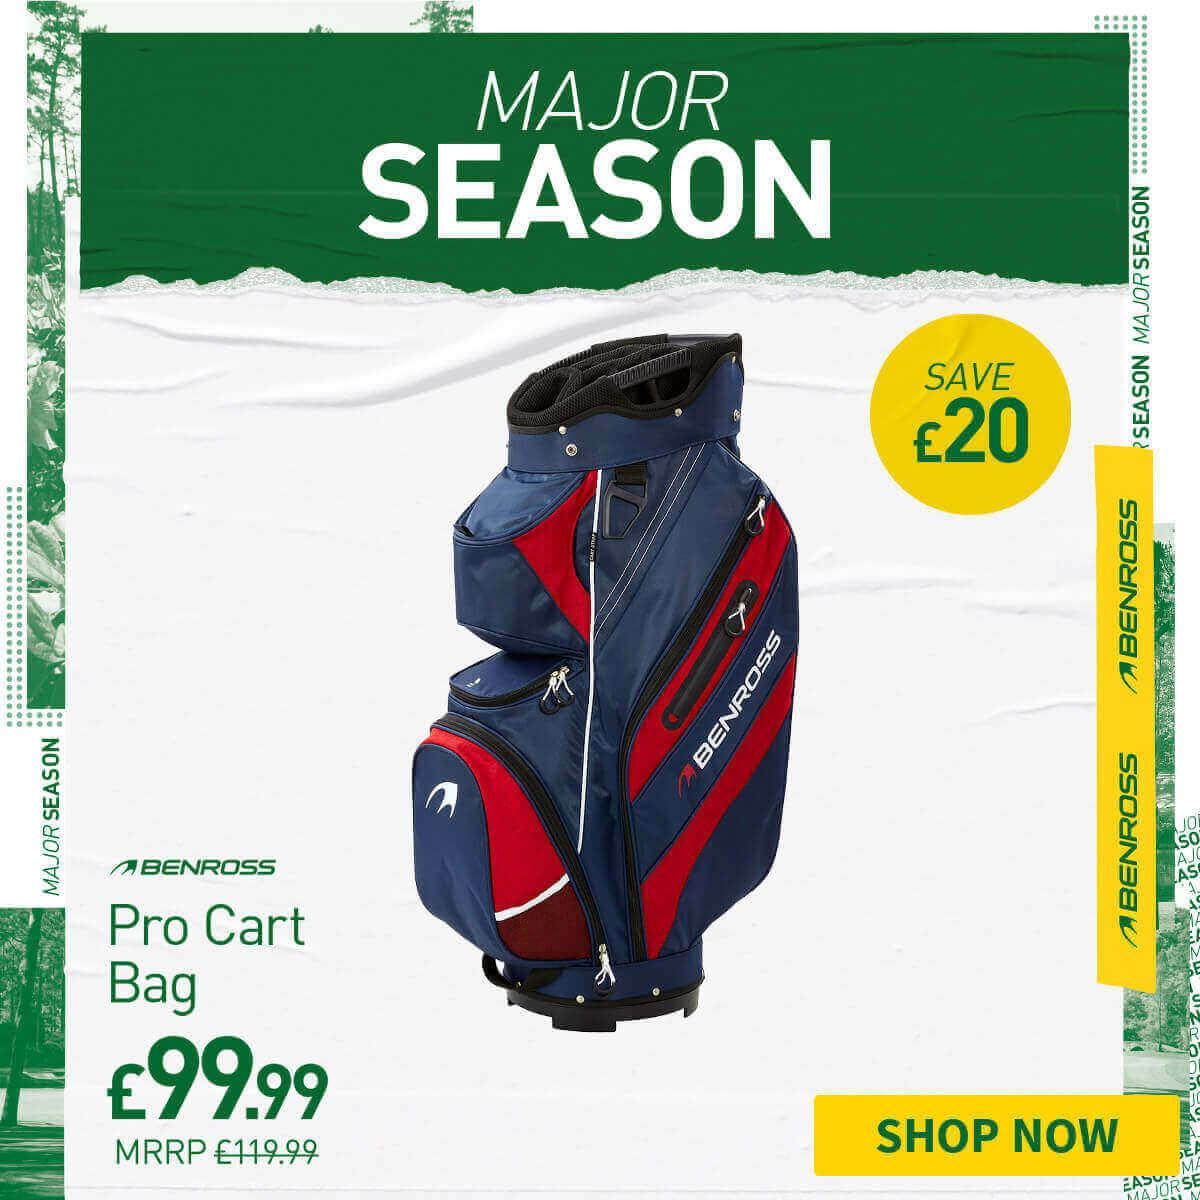 BENROSS PRO CART BAG - ONLY £99.99